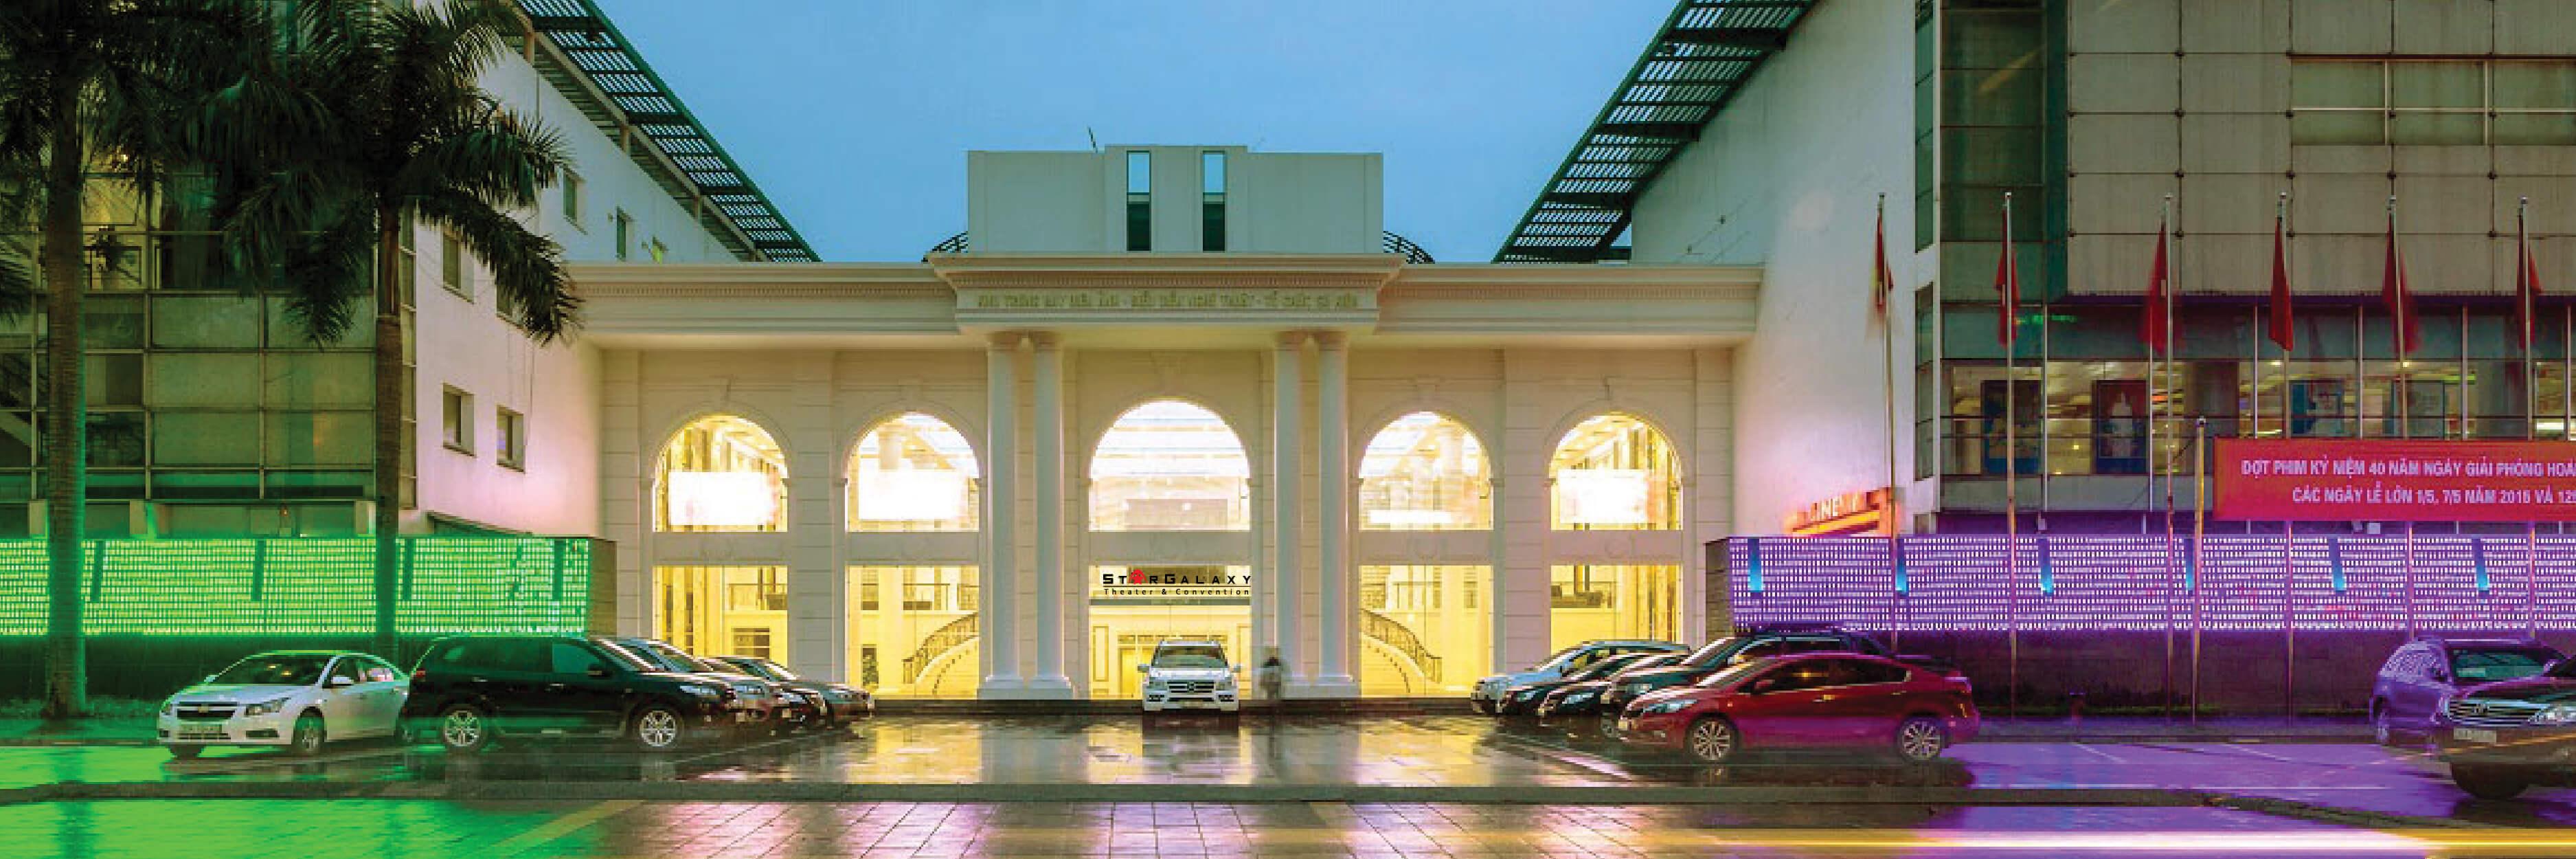 Địa điểm tổ chức tiệc cưới, địa điểm đặt tiệc cưới tại Hà Nội, Trung tâm tổ chức tiệc cưới tại Hà Nội, Tổ chức tiệc cưới tại hà nội